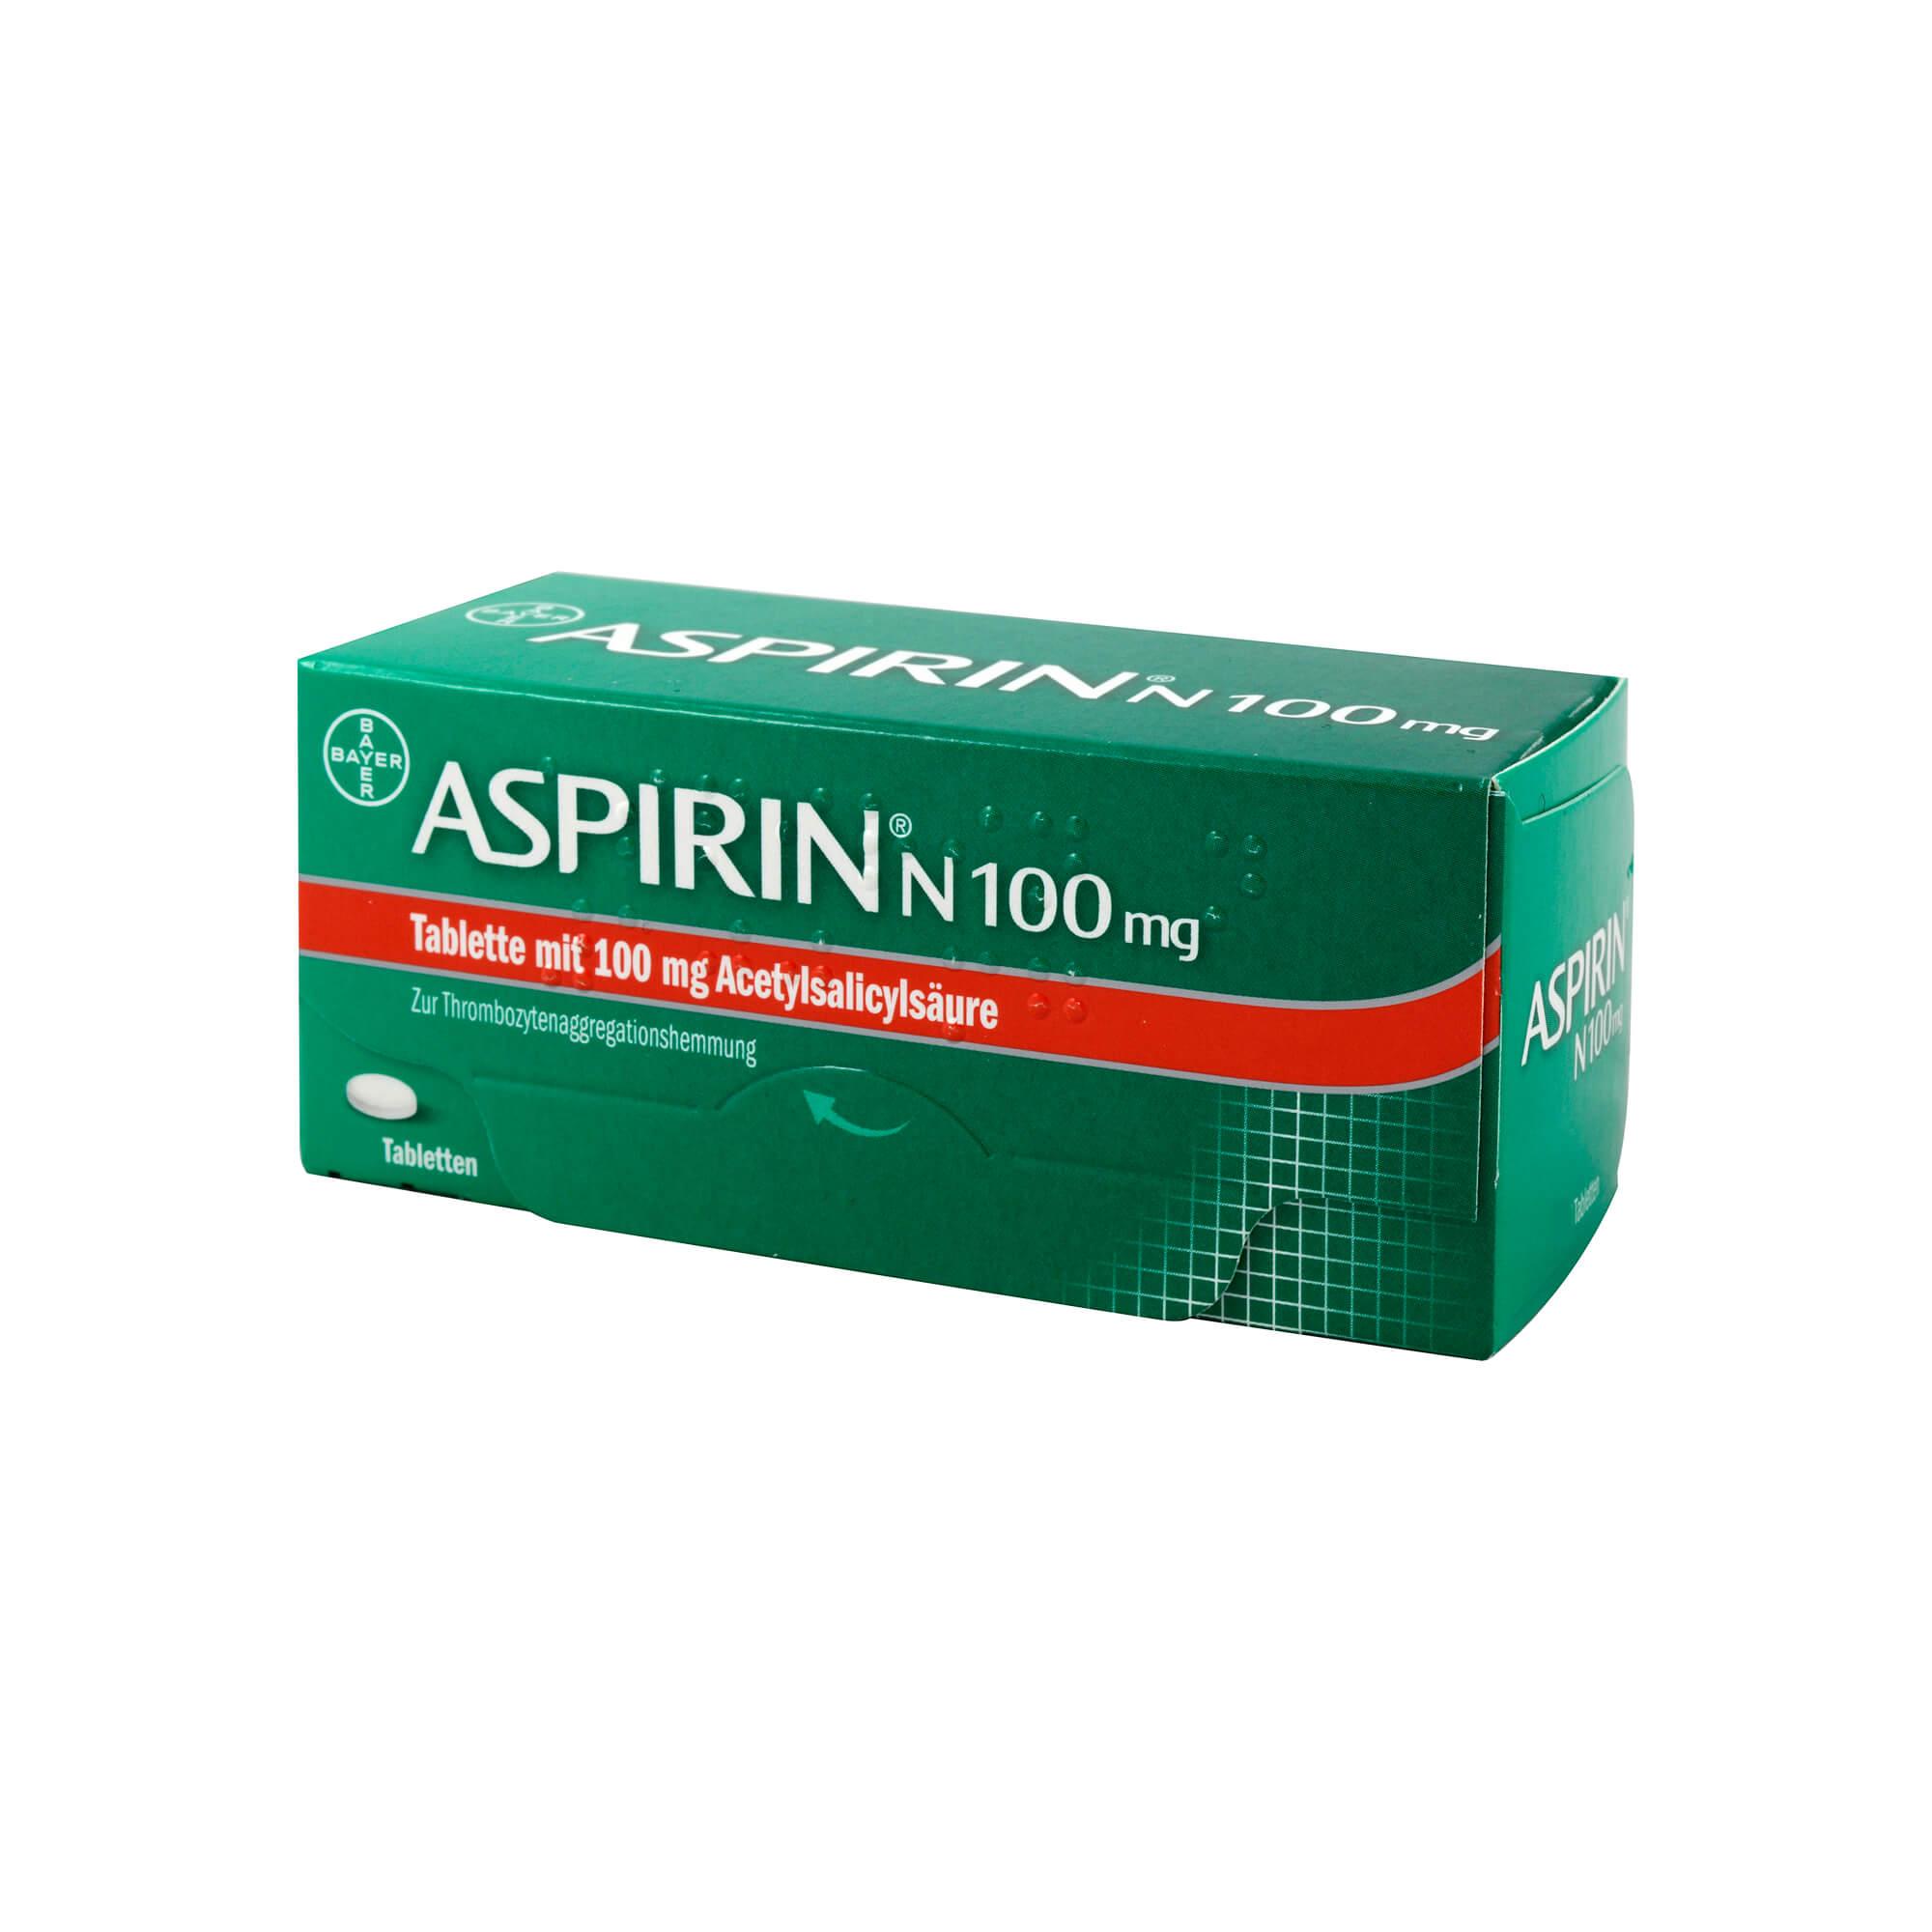 Aspirin N 100 mg